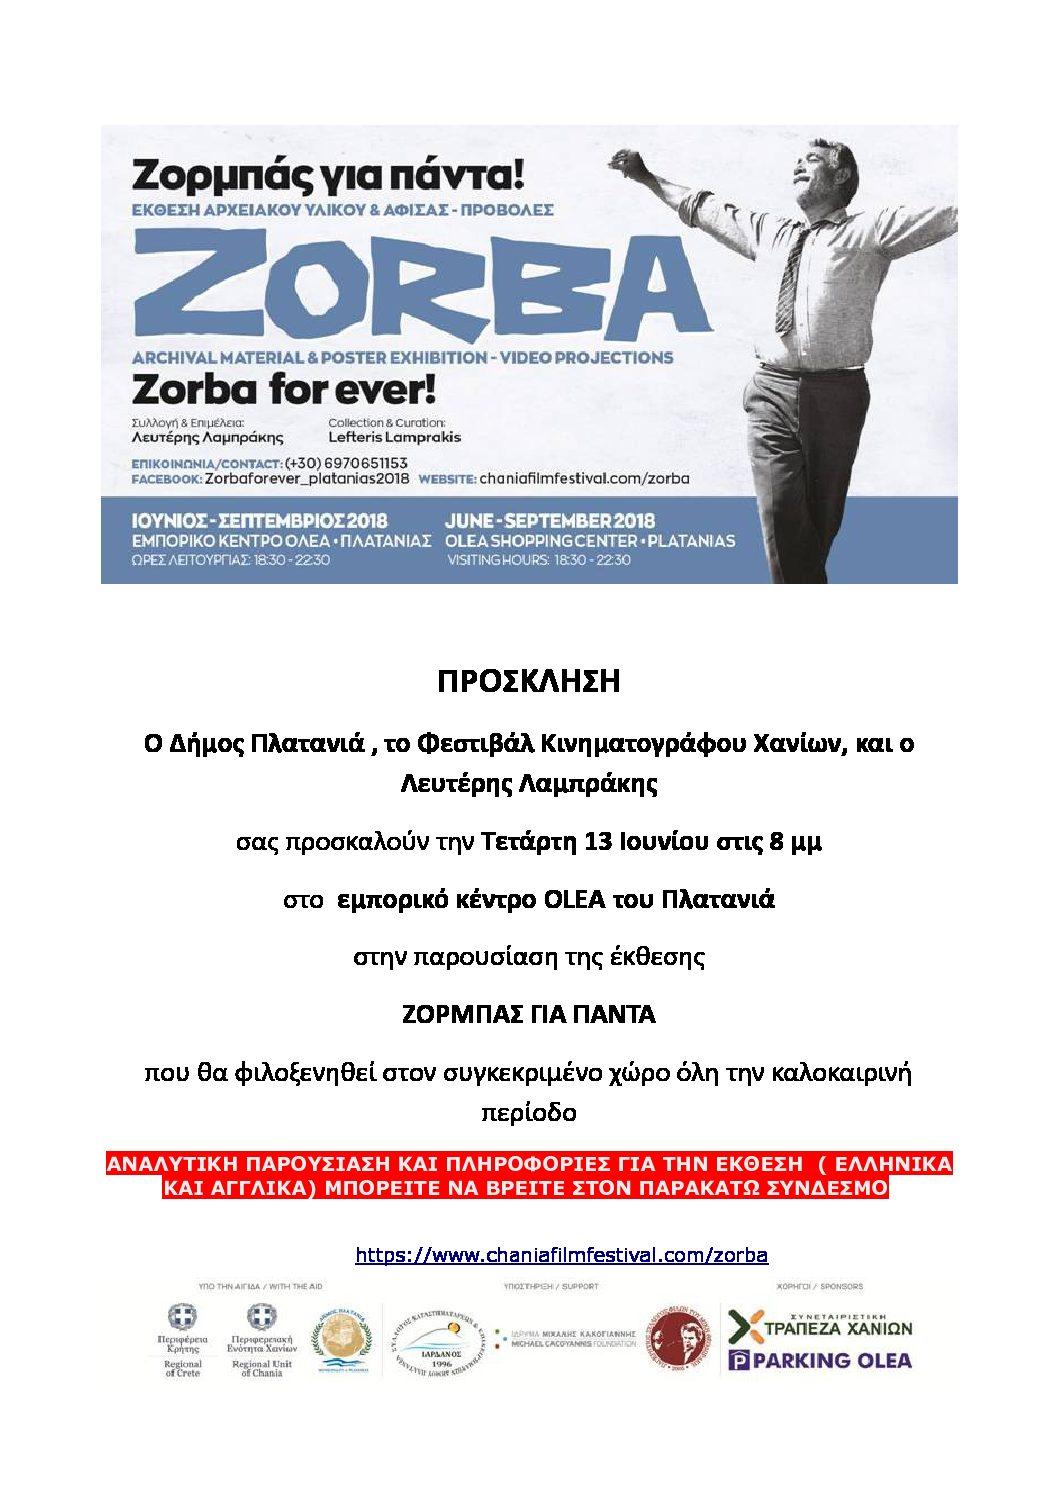 """Παρουσίαση  της Έκθεσης """" ΖΟΡΜΠΑΣ ΓΙΑ ΠΑΝΤΑ"""" στο Δήμο Πλατανιά"""